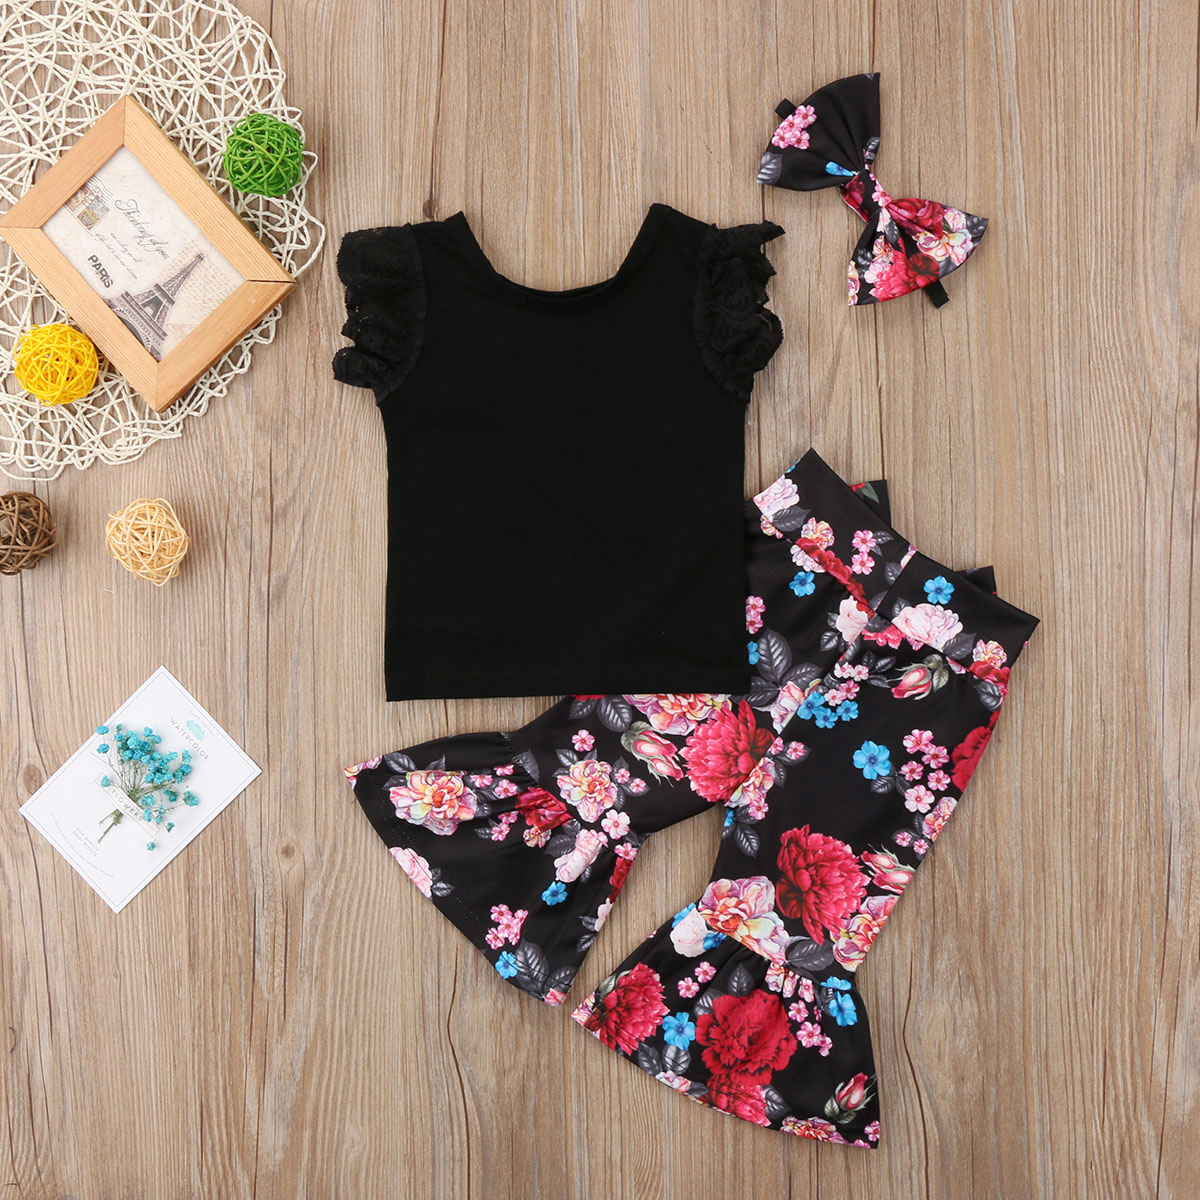 Infant Baby Girl enfants Long Sleeve Floral Ange Combinaison Combinaison vêtements Outfit